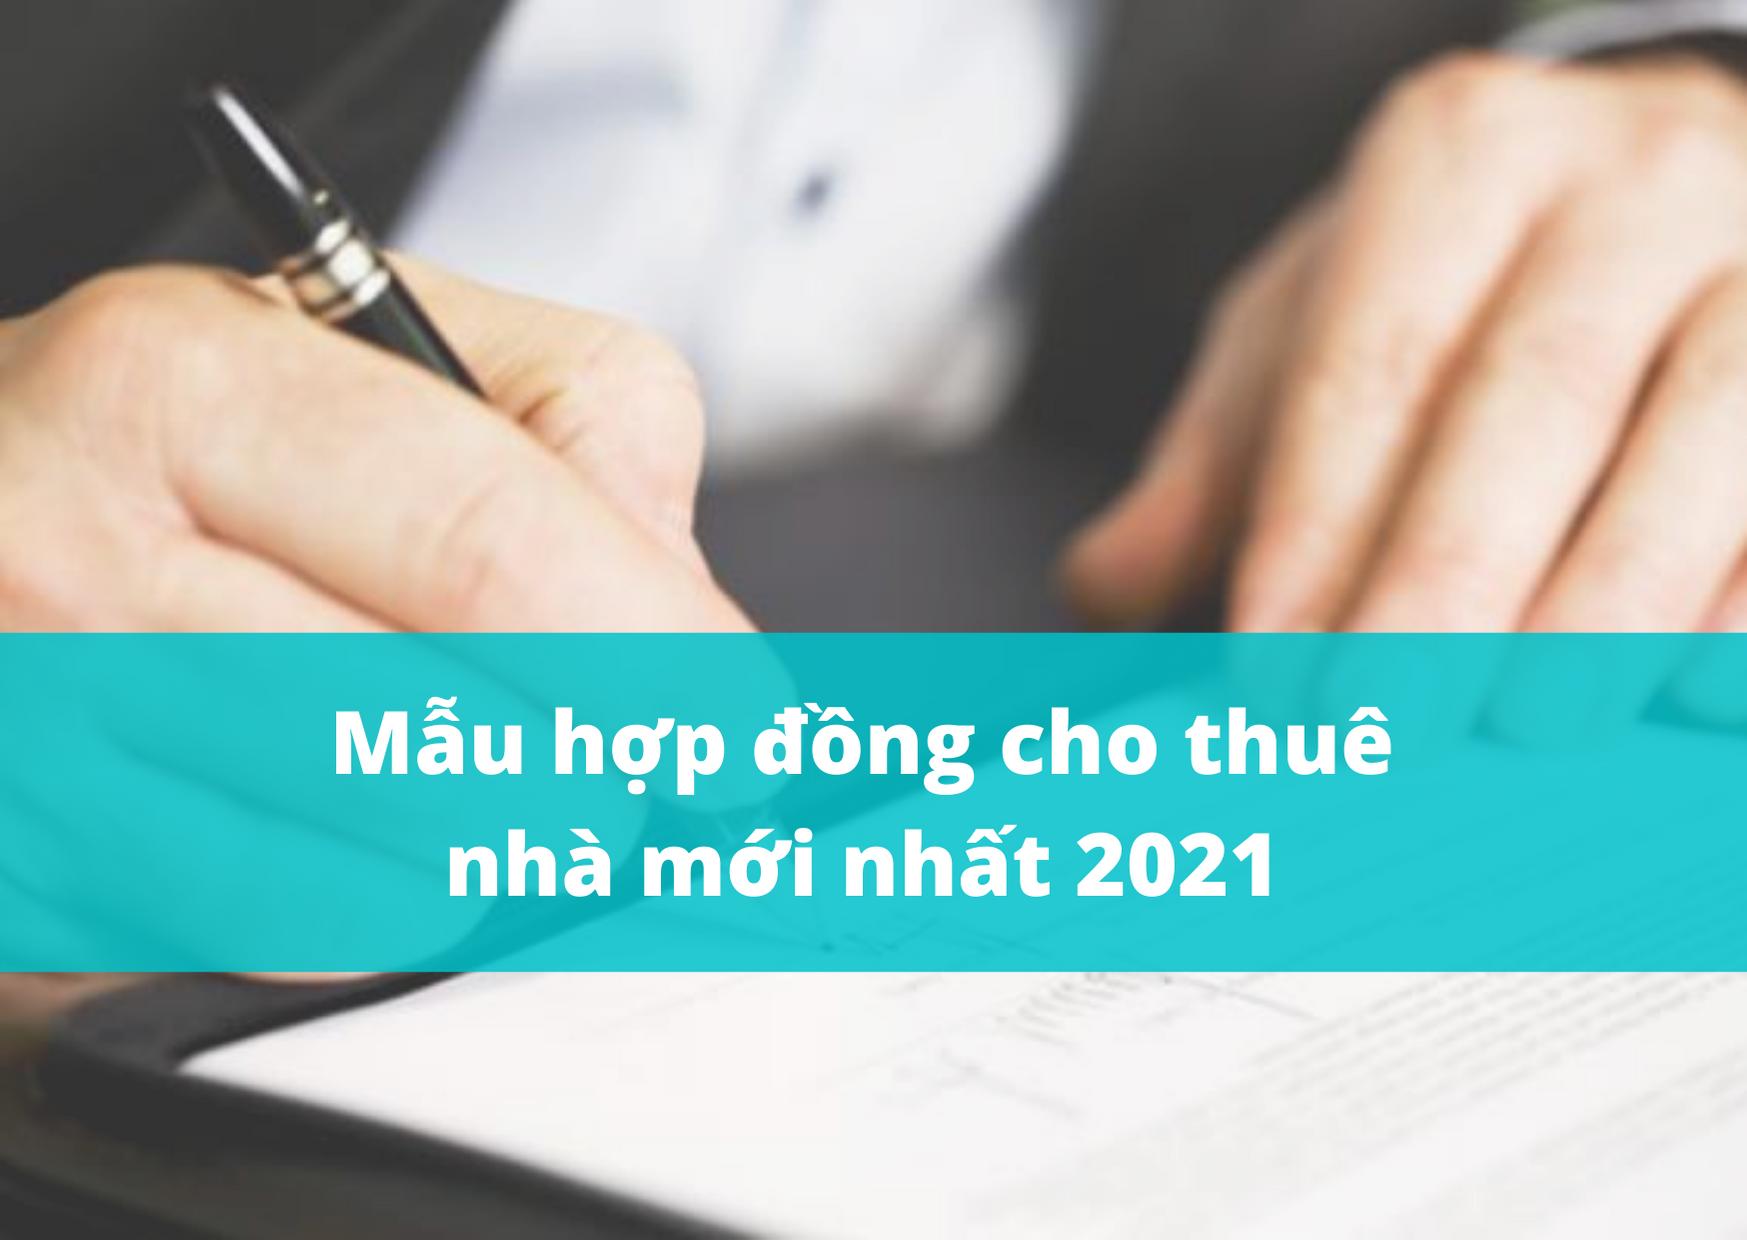 Mẫu hợp đồng cho thuê nhà mới nhất 2021